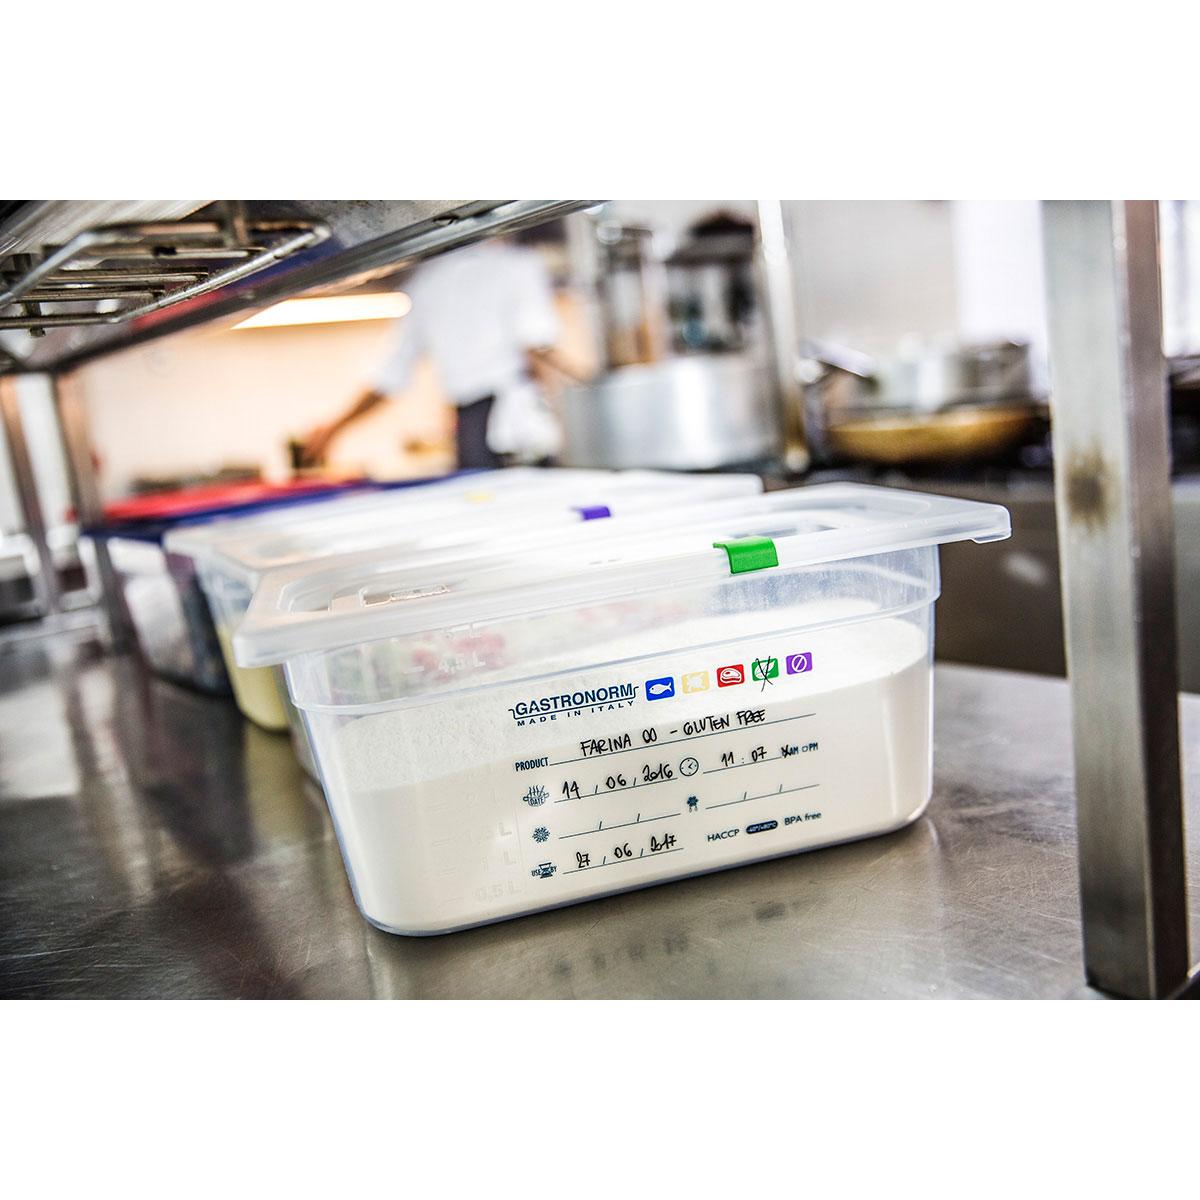 contenitori Gastronorm su Agritechstore a prezzi vantaggiosi